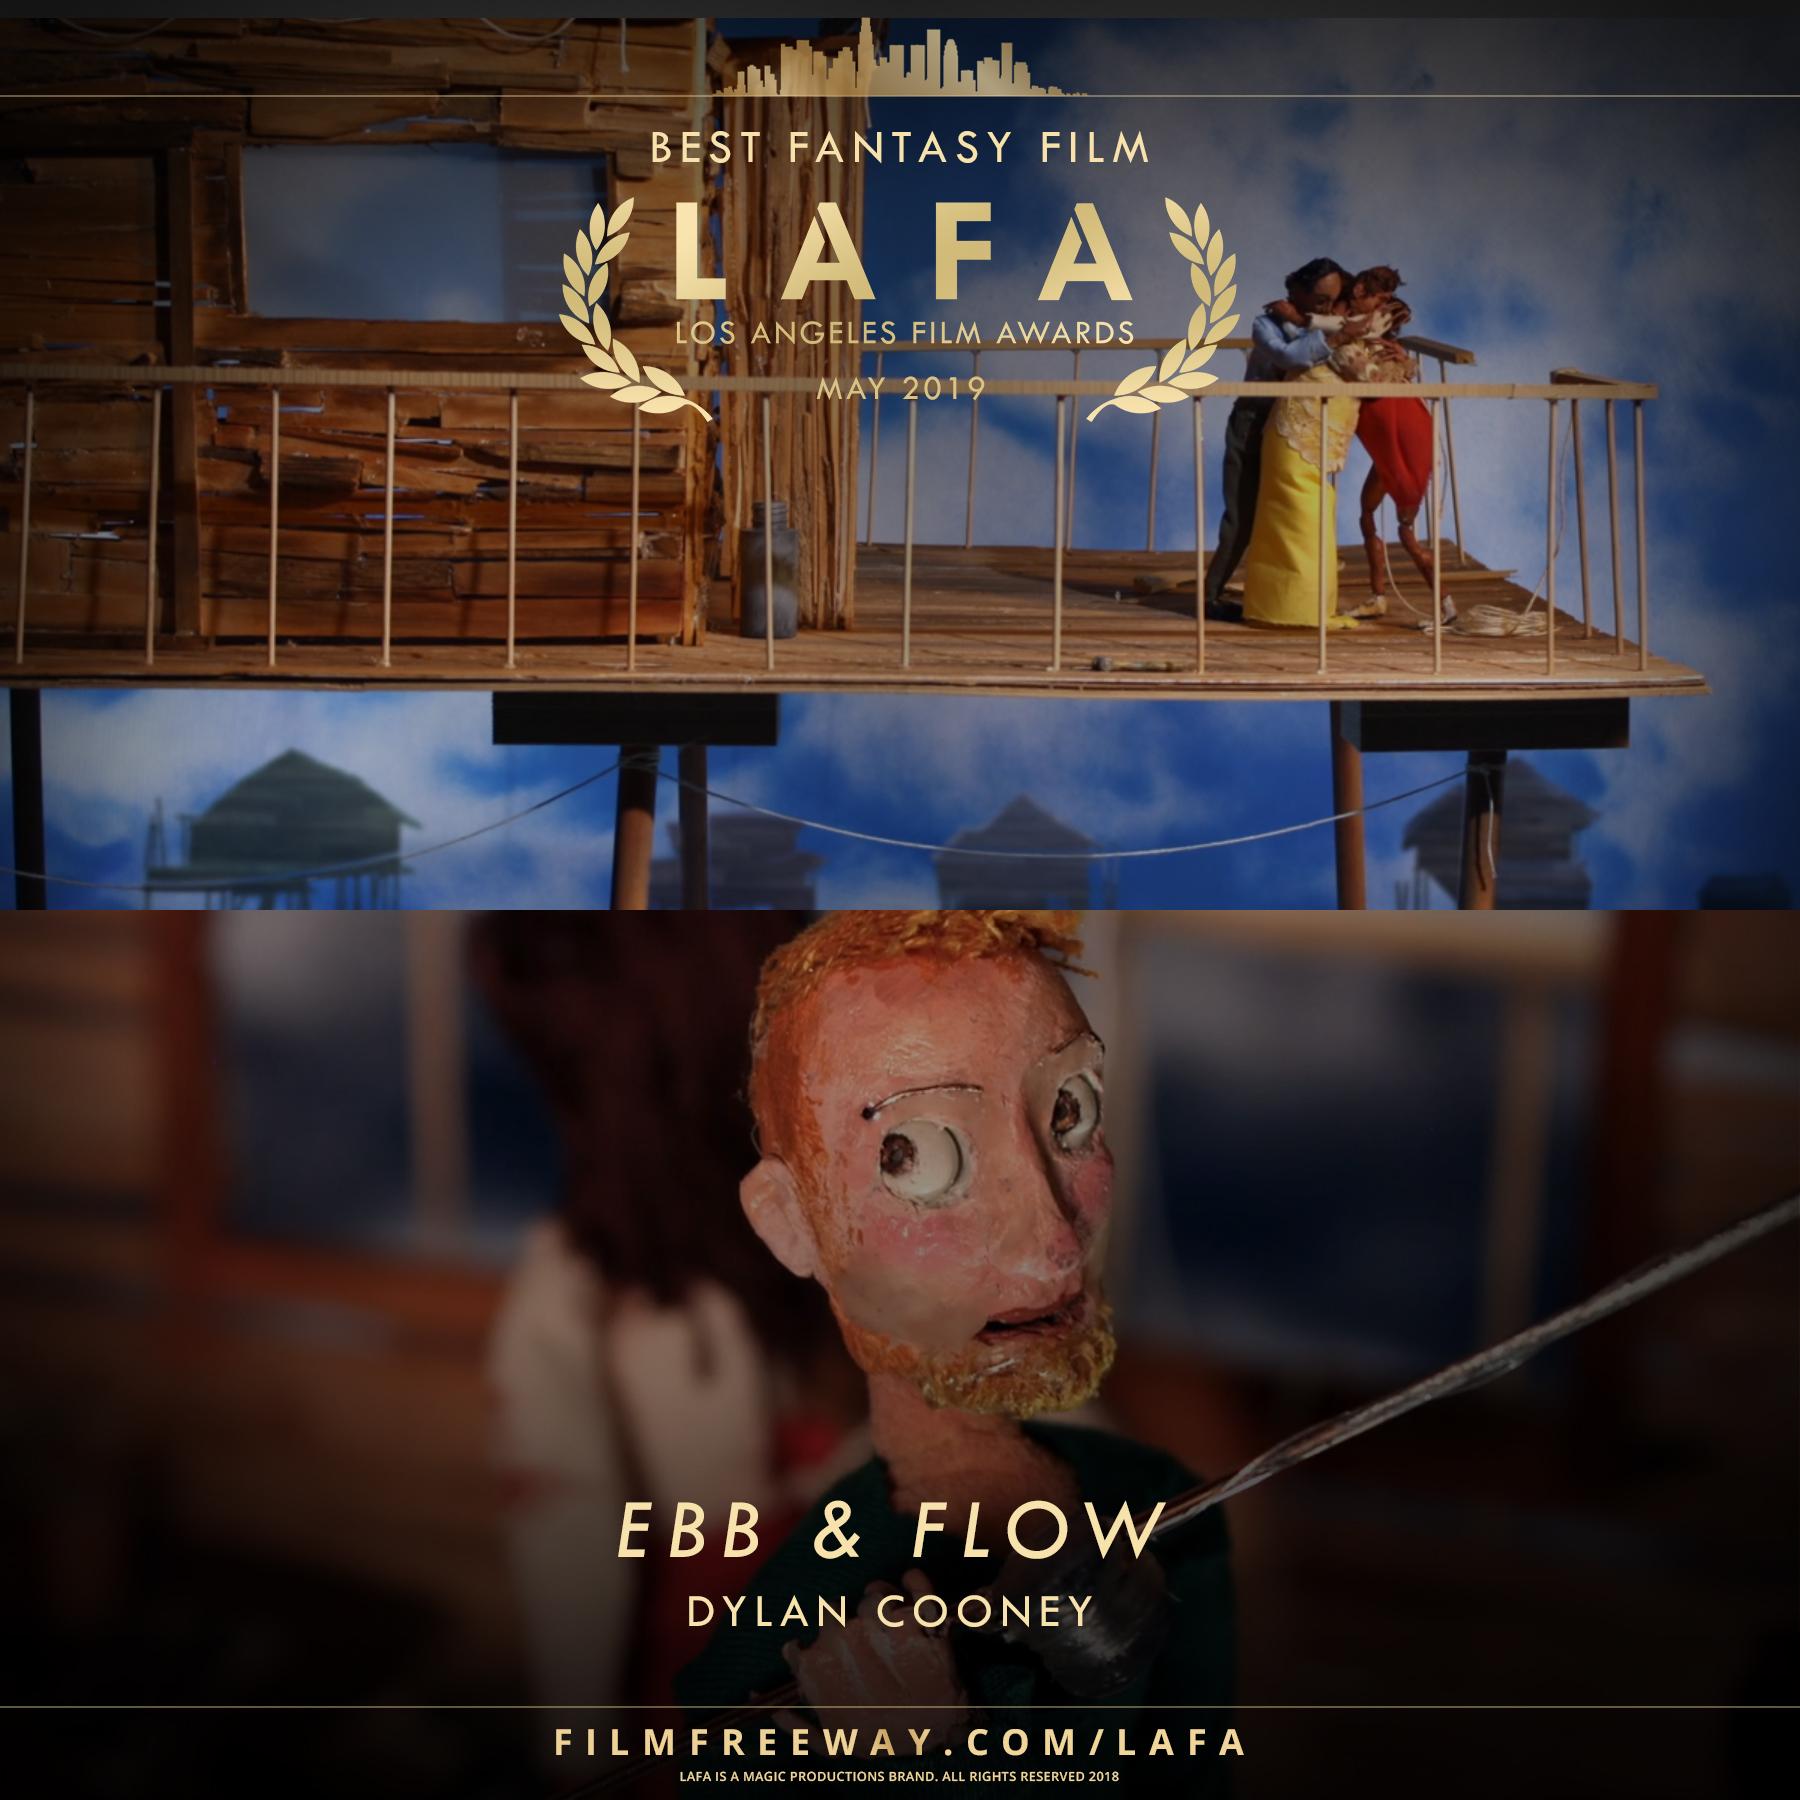 EBB & FLOW design